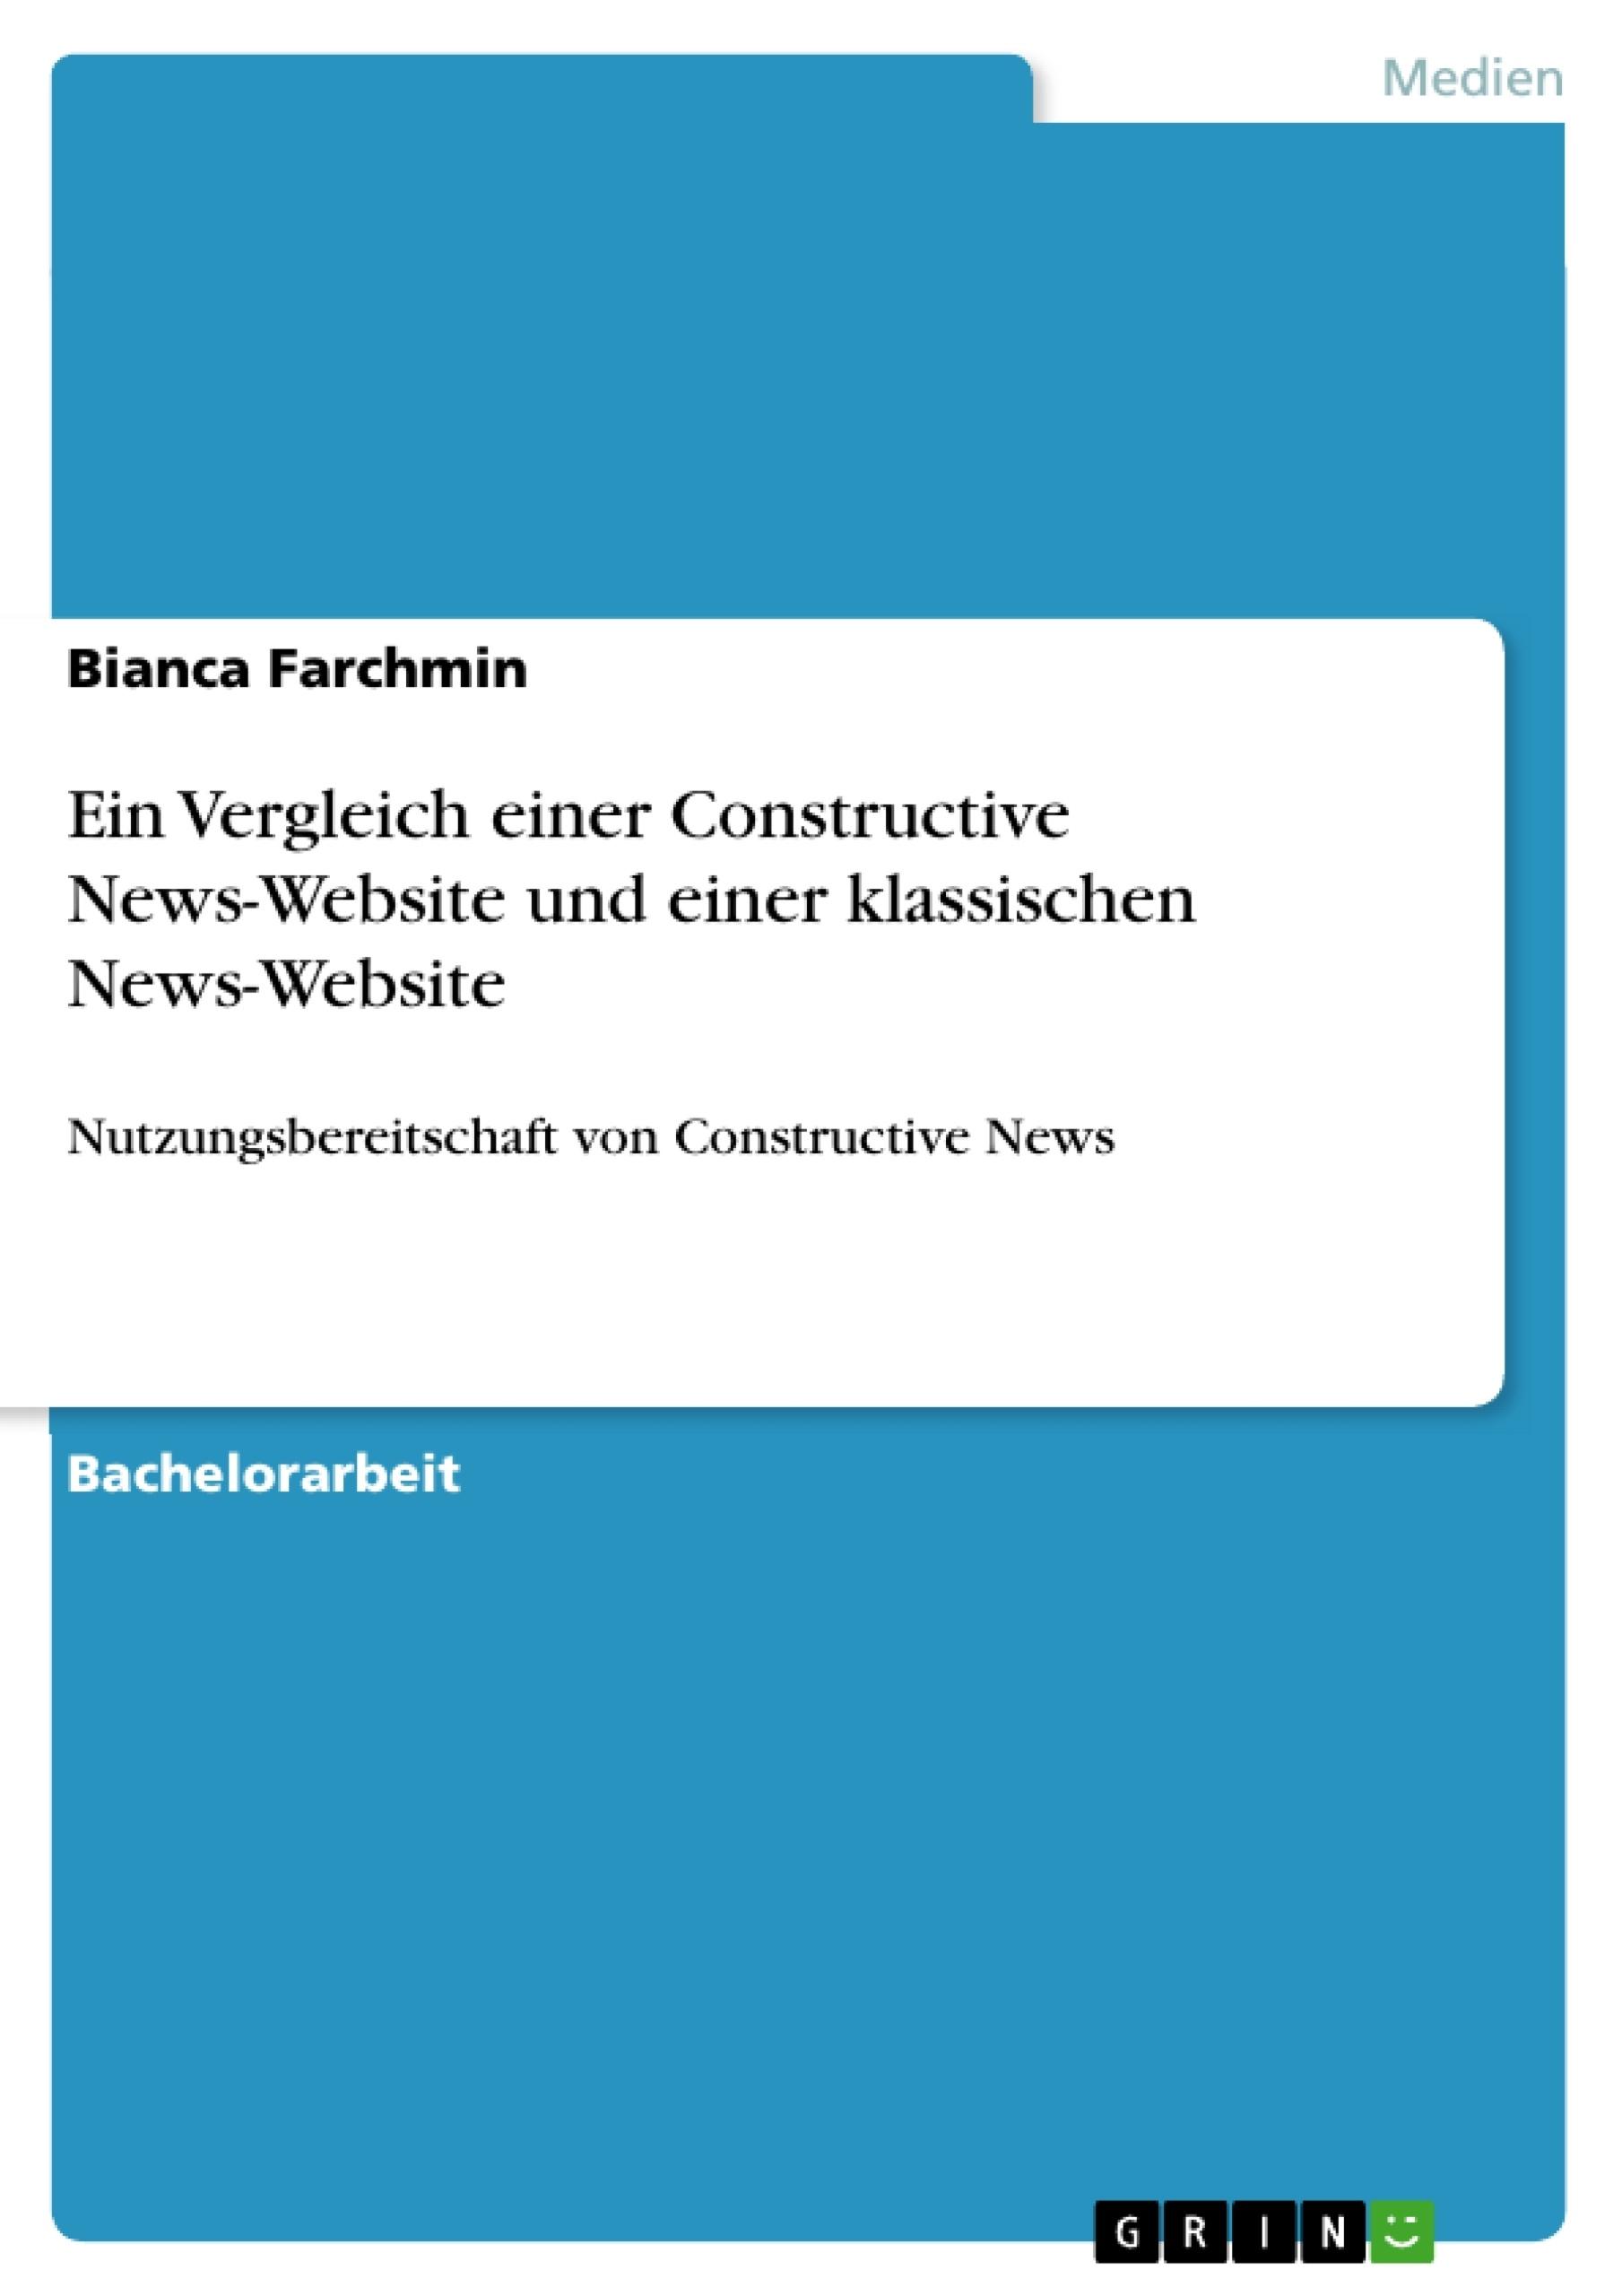 Titel: Ein Vergleich einer Constructive News-Website und einer klassischen News-Website